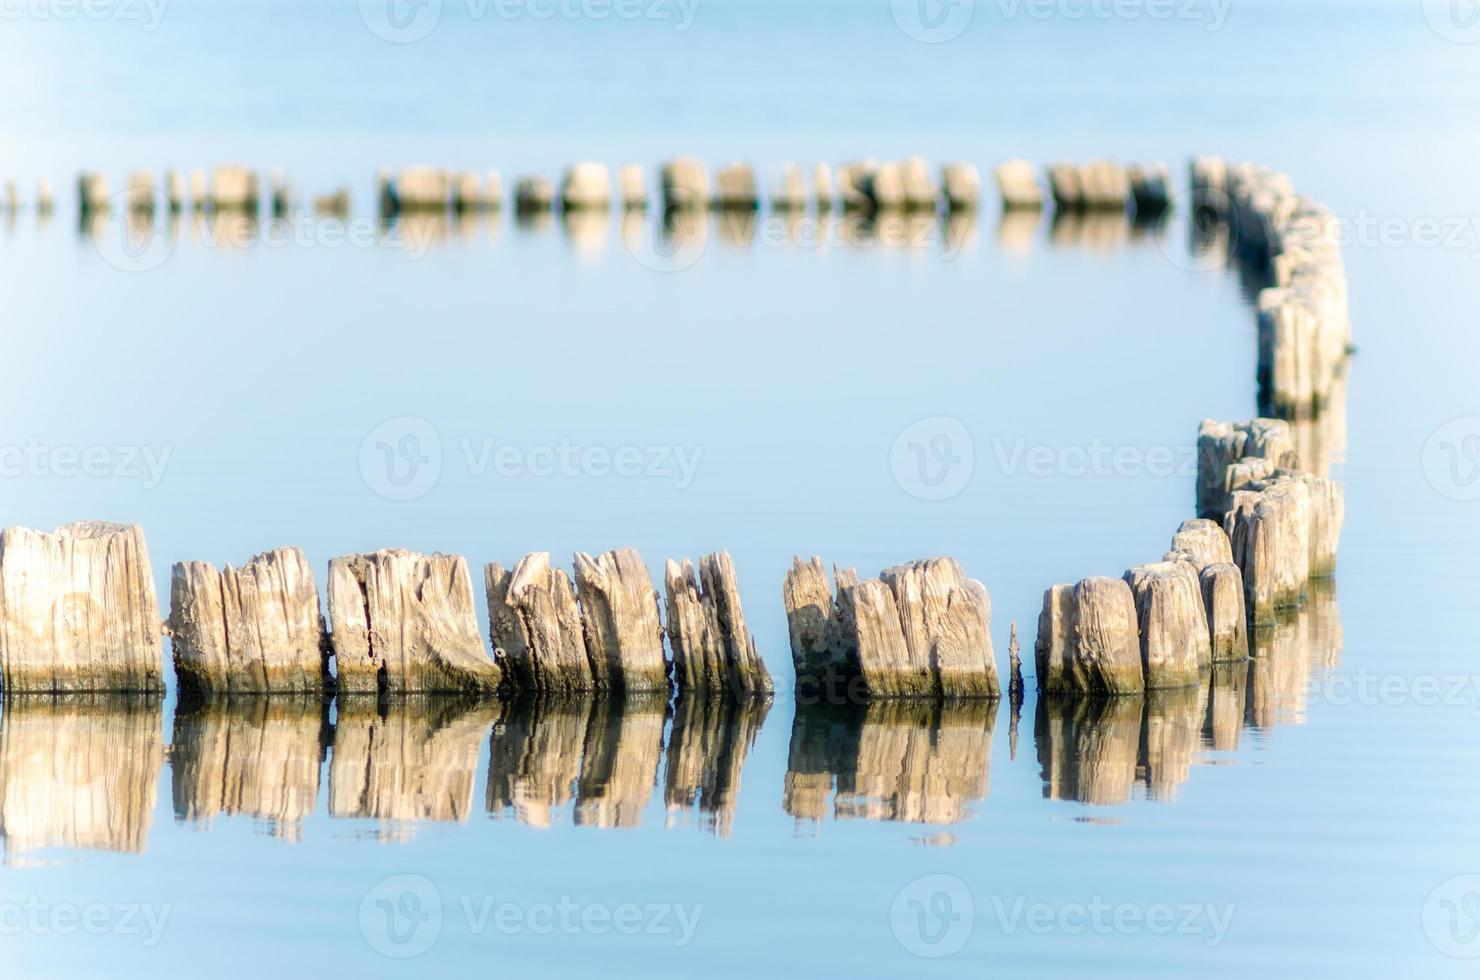 grupo de postes de madera en el agua foto